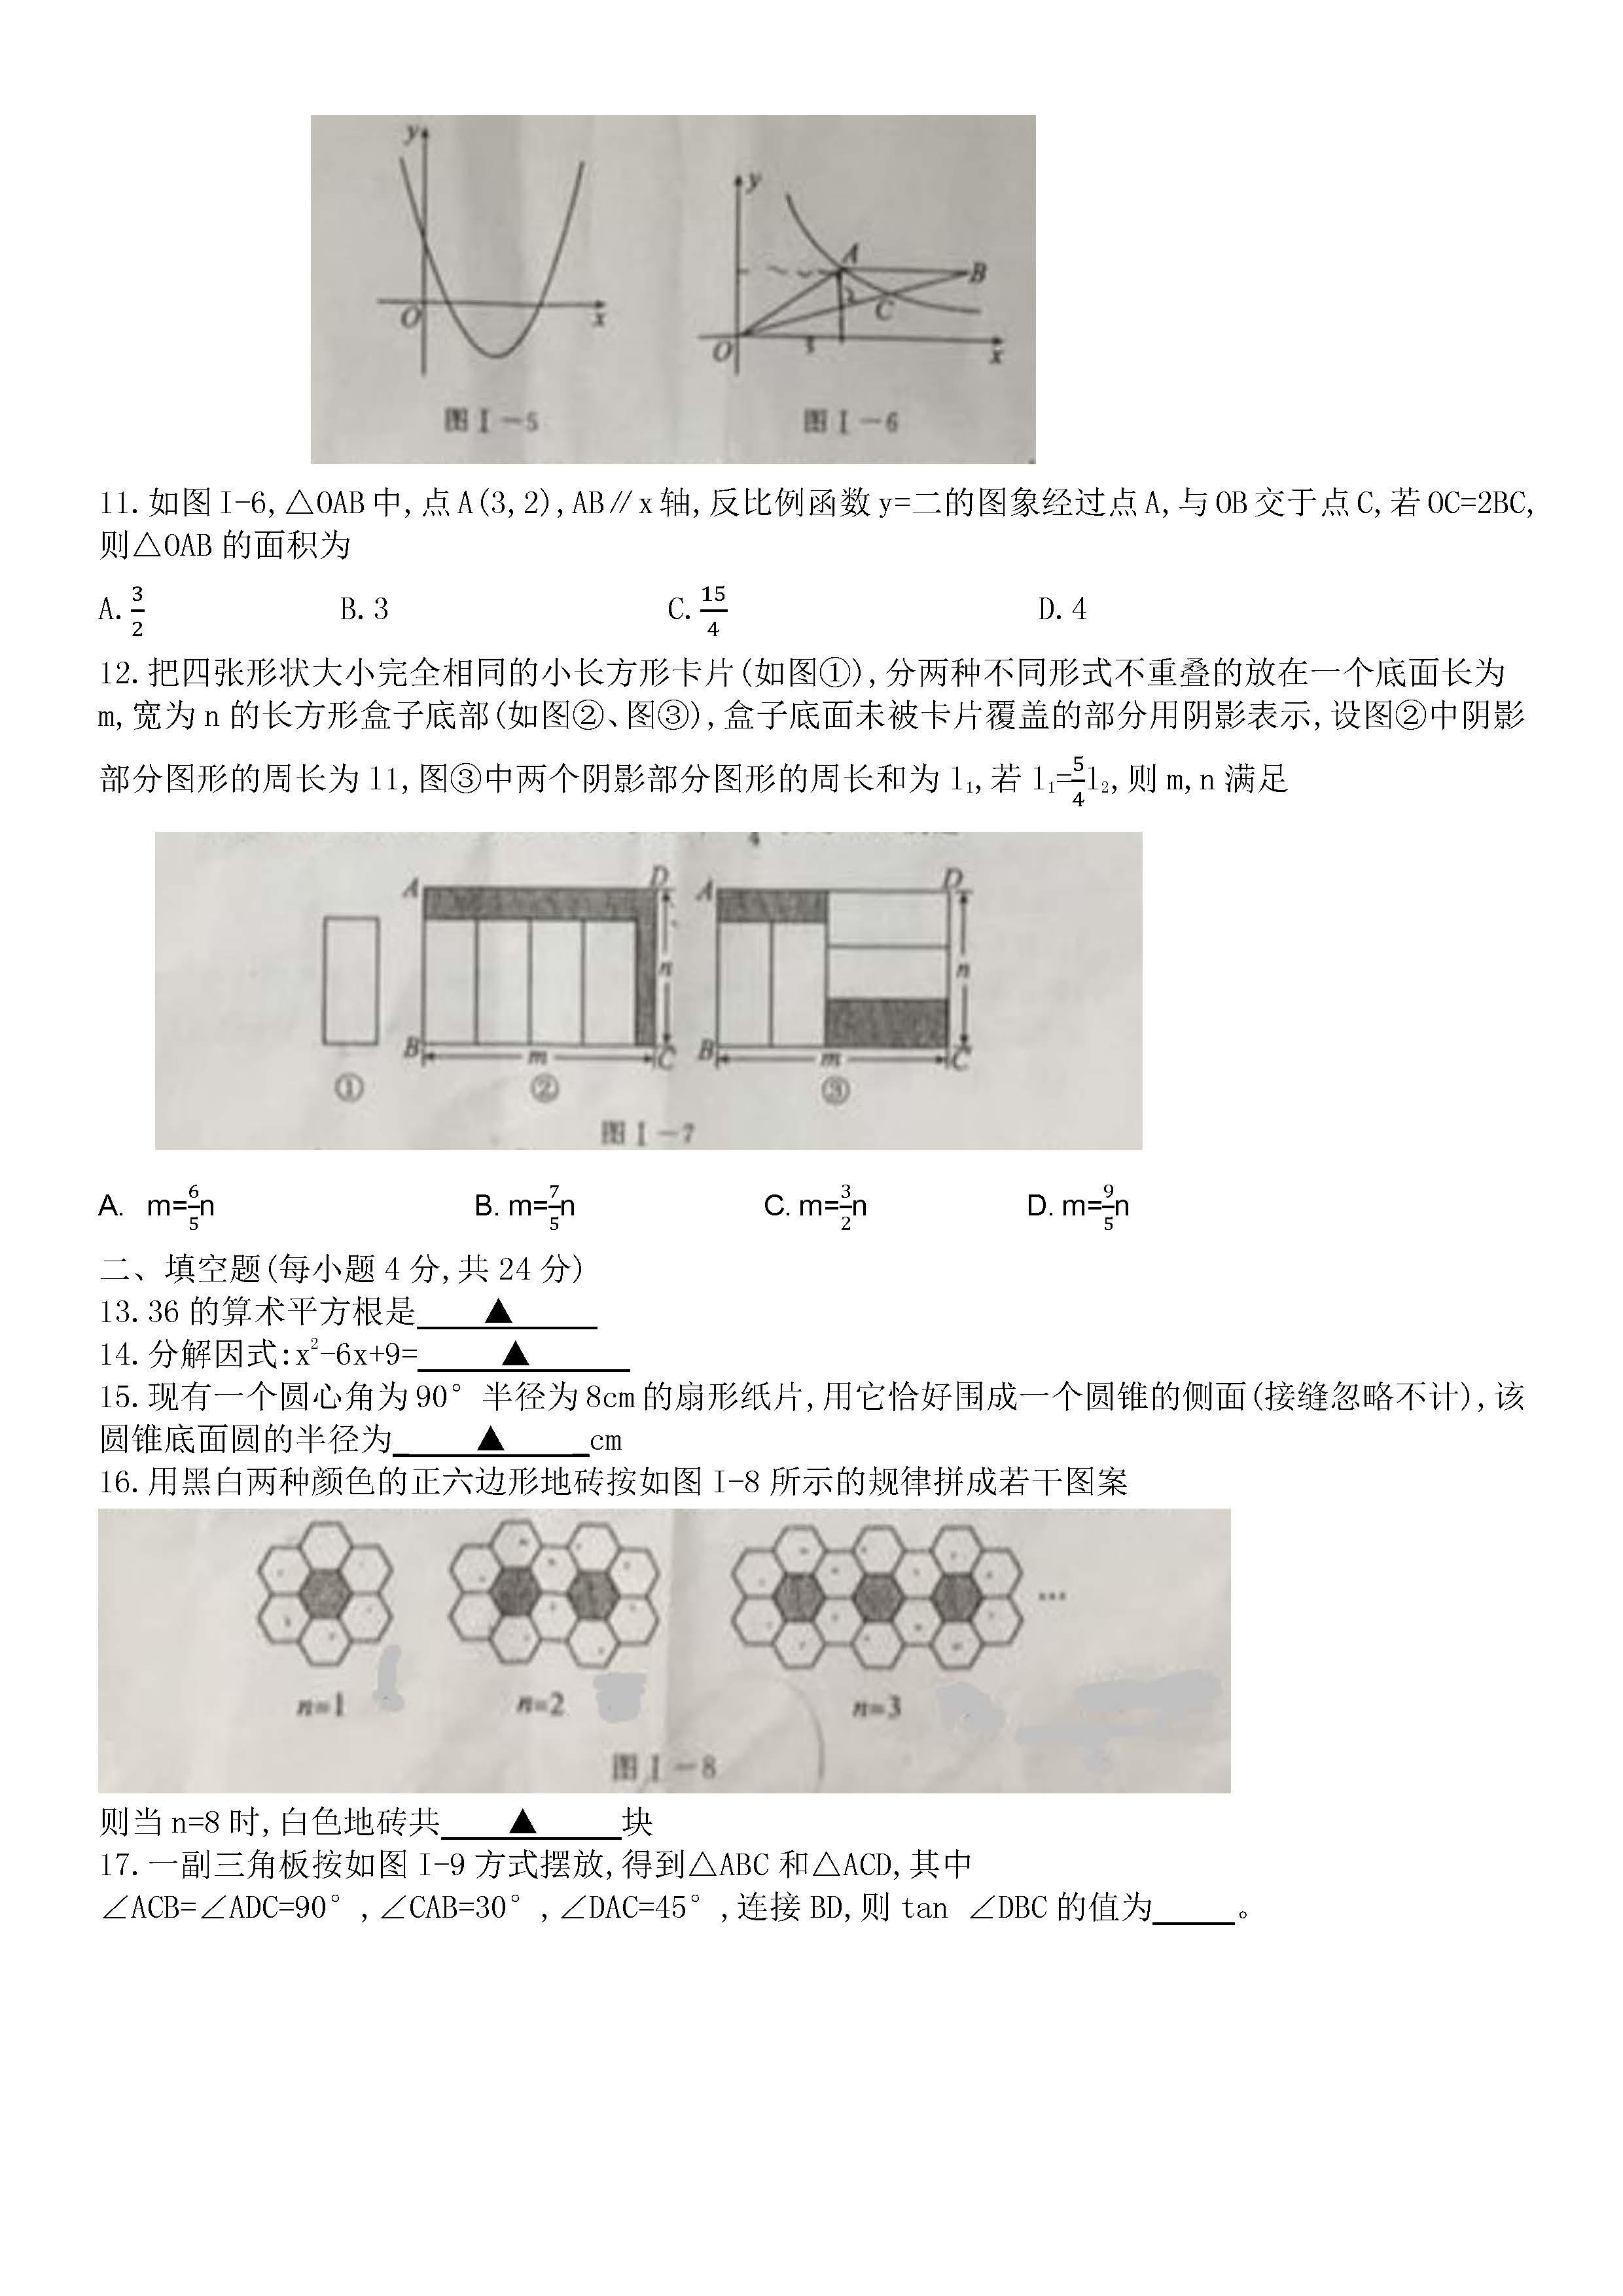 2018年浙江宁波中考数学真题及答案已公布